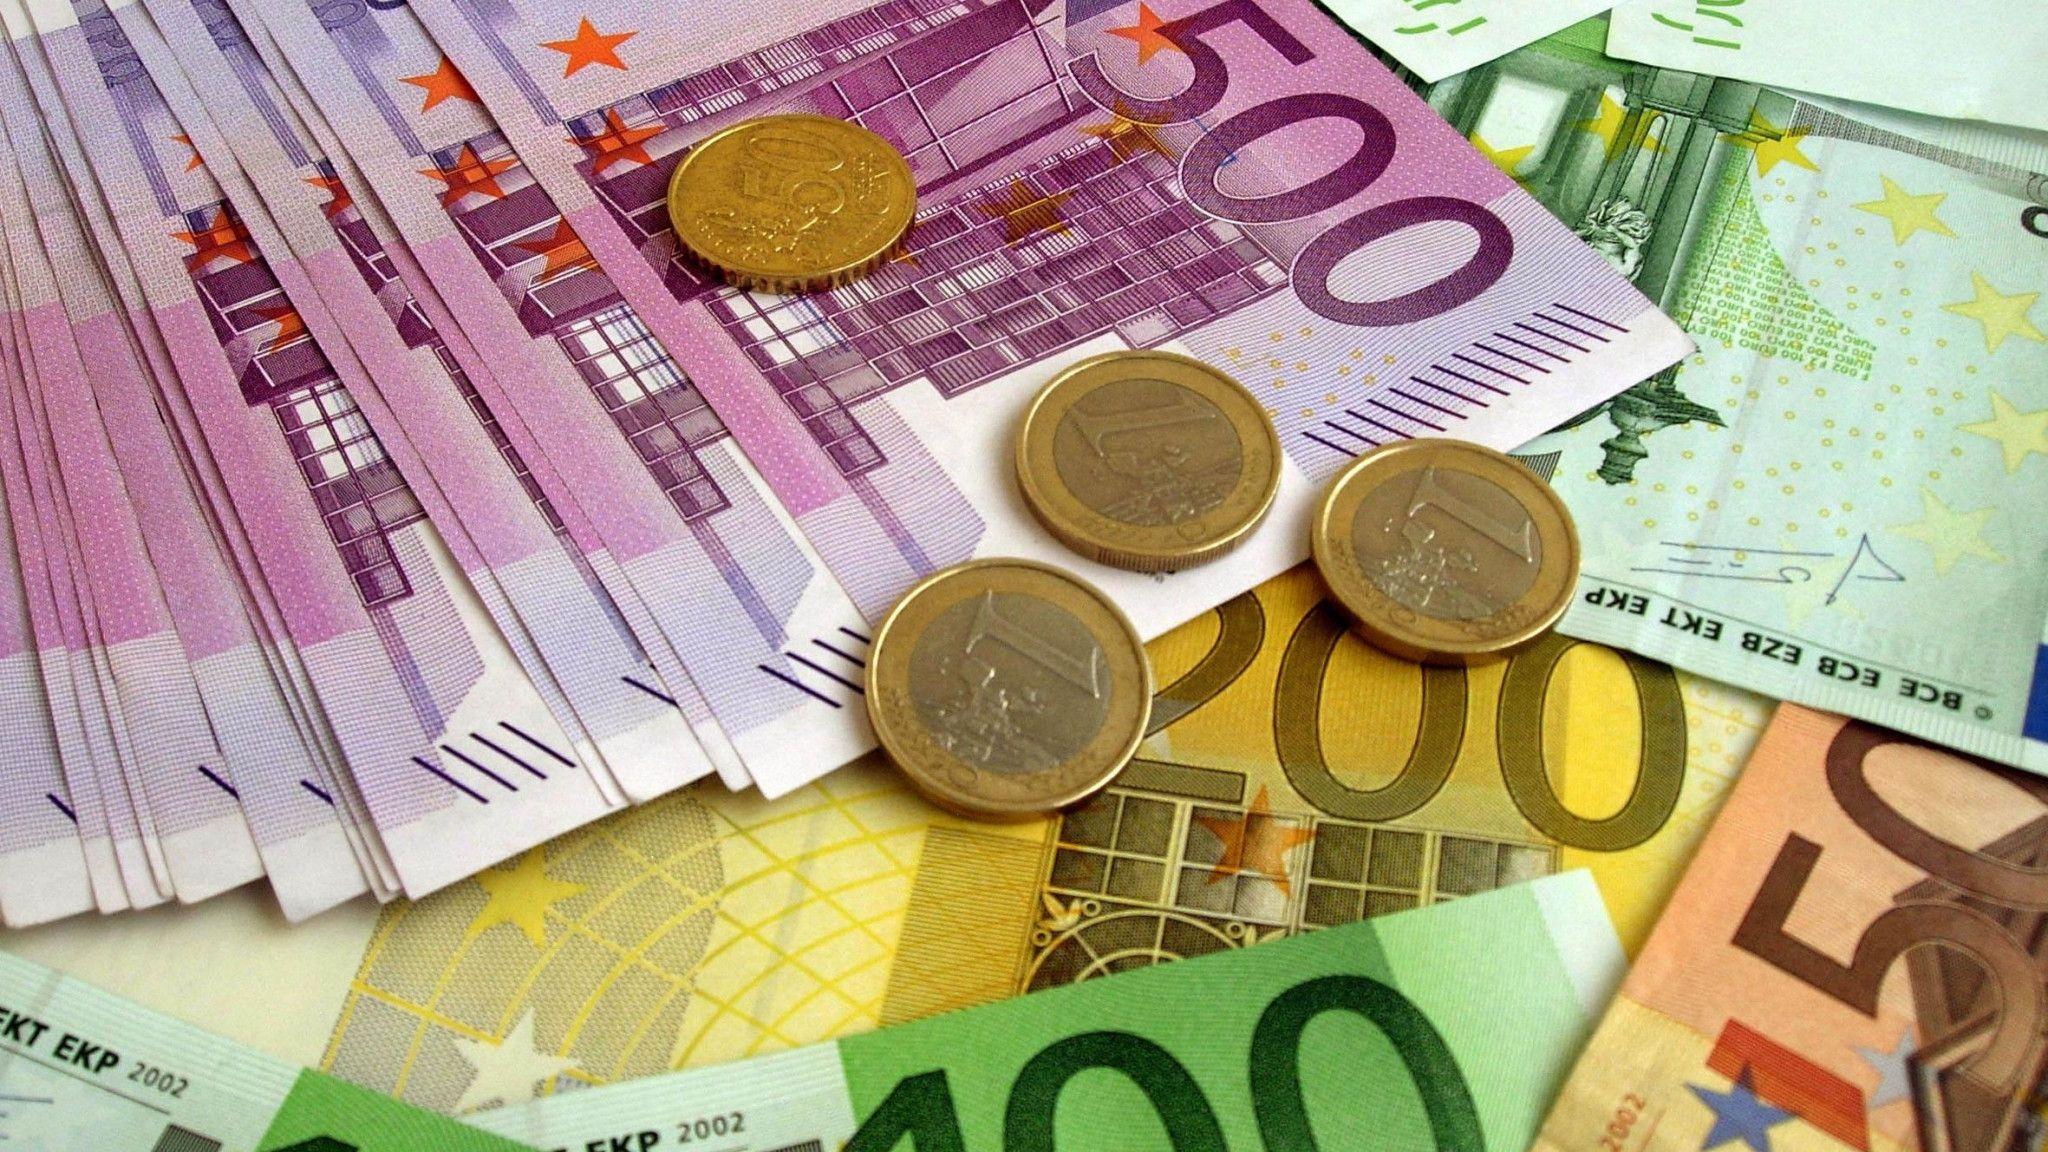 Curs valutar miercuri 9 septembrie 2020. Cât a ajuns să coste azi un euro